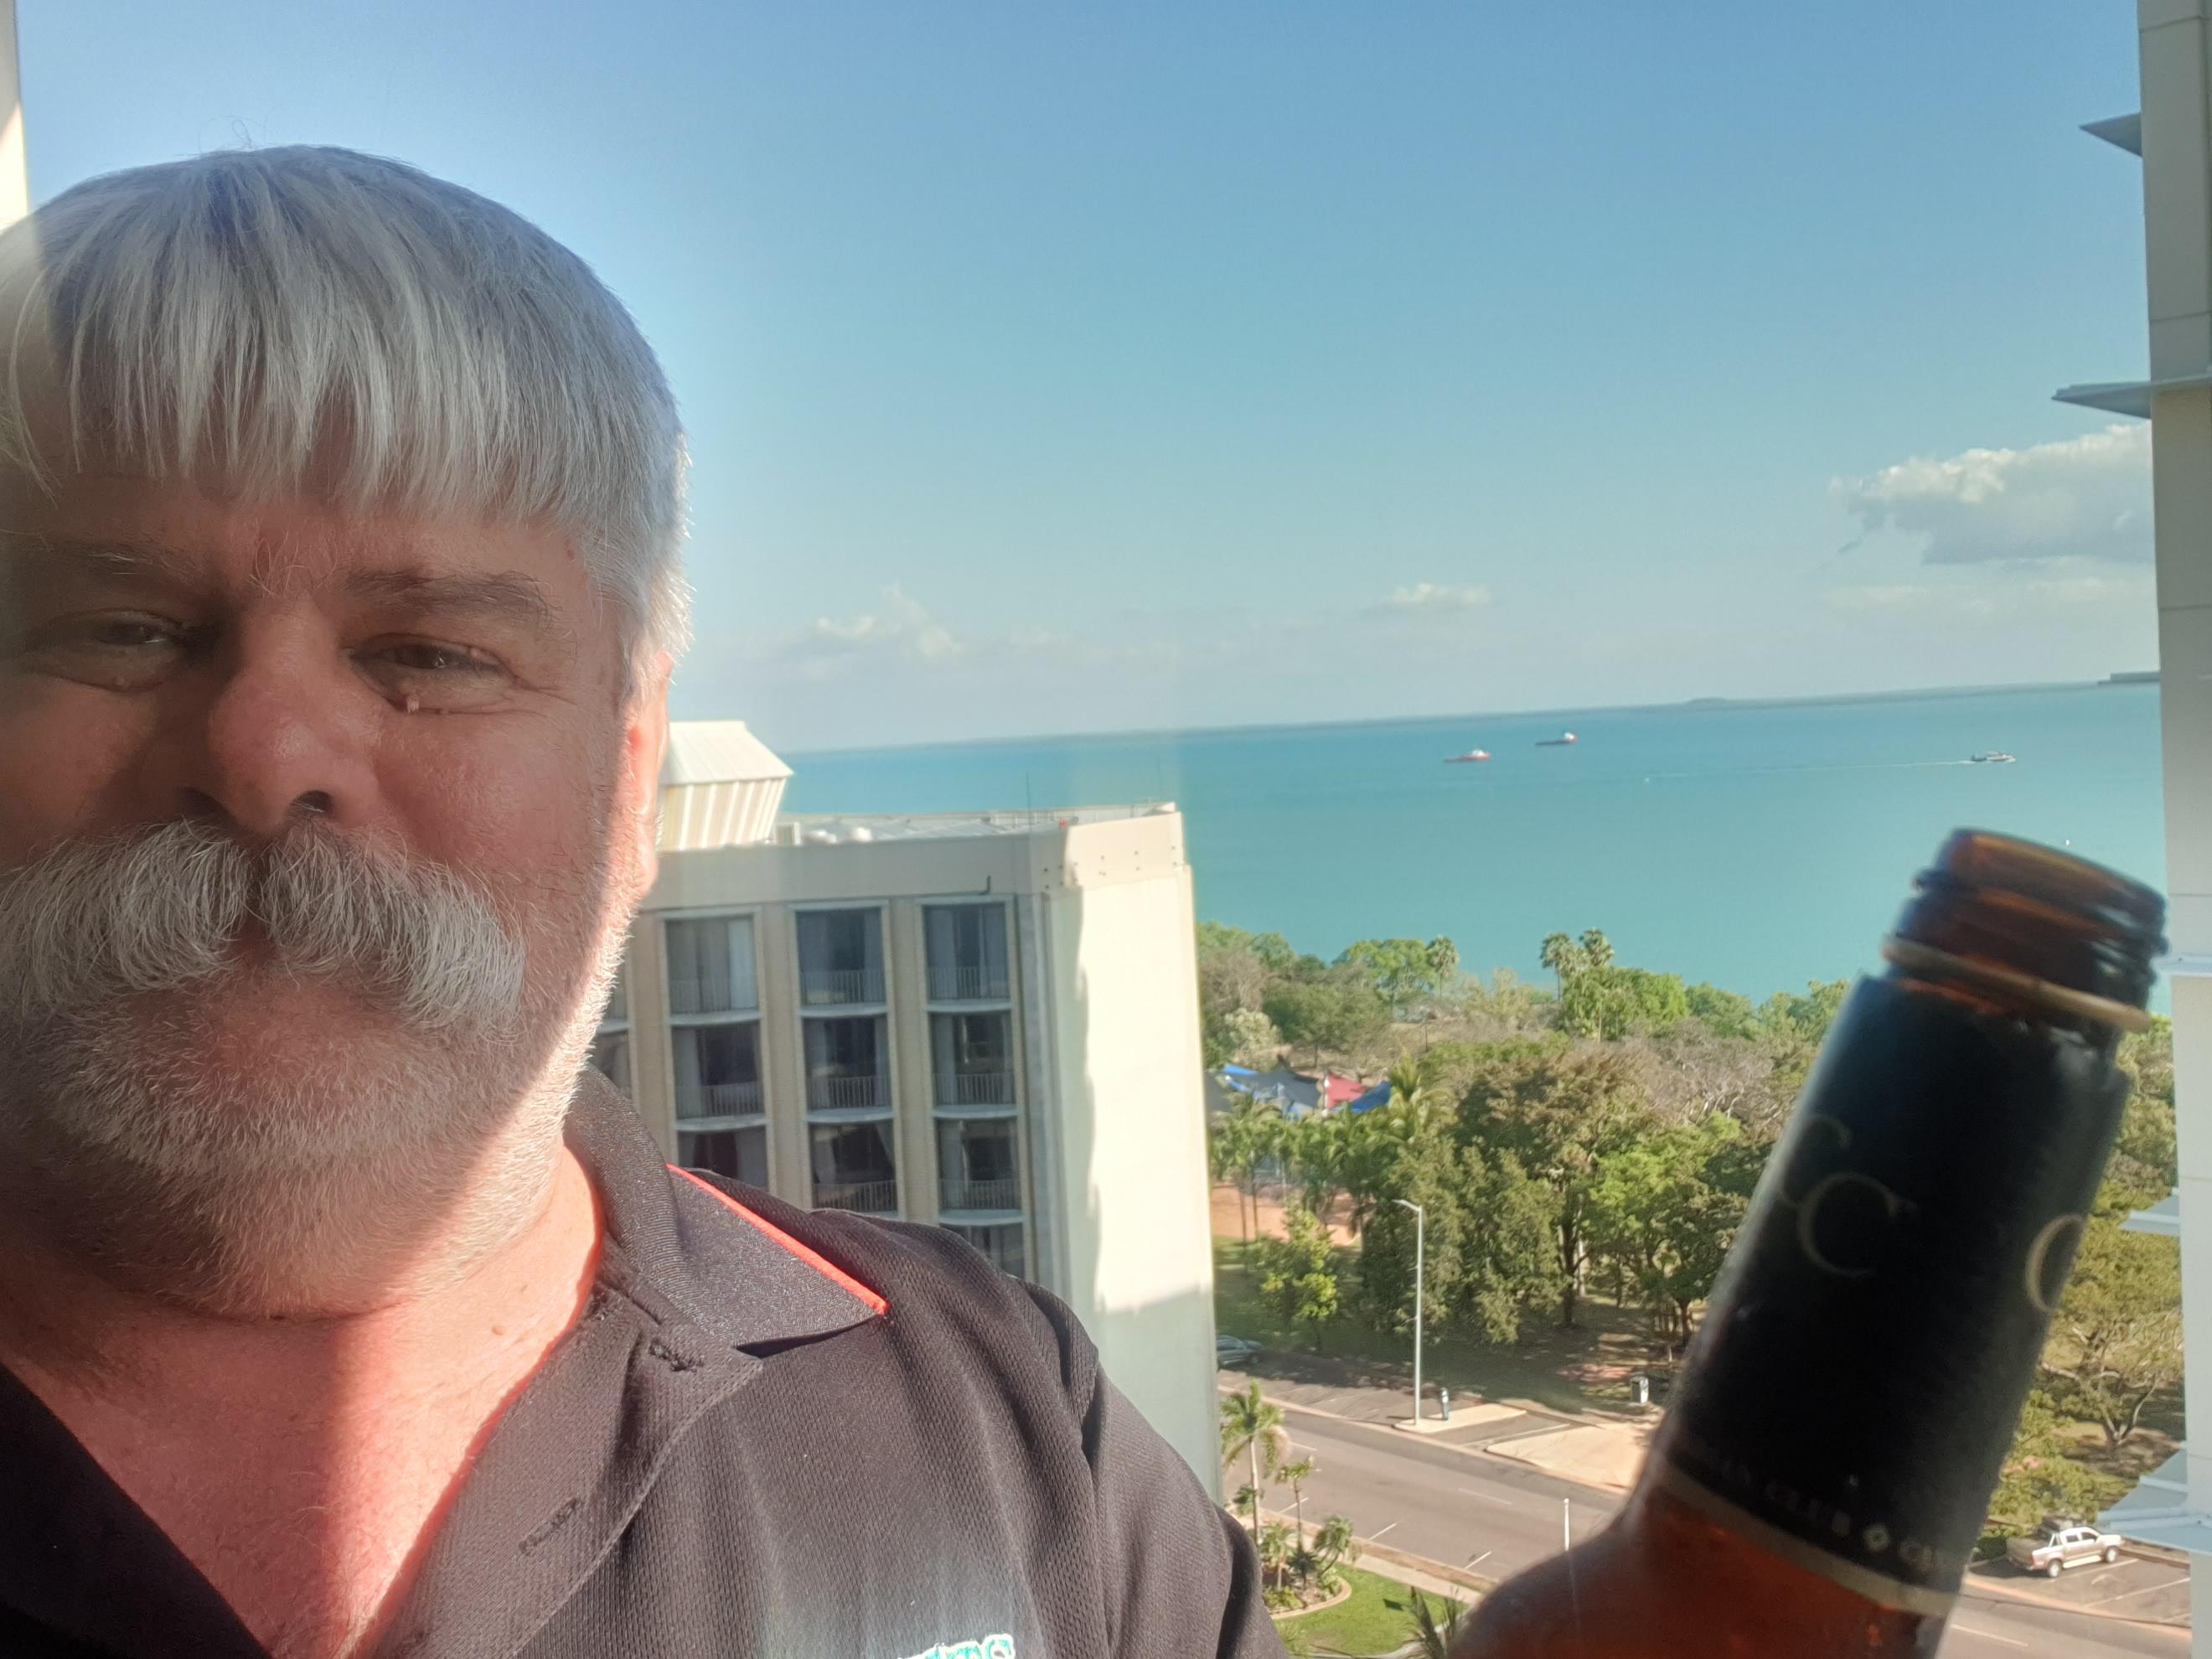 Taking it easy in Darwin